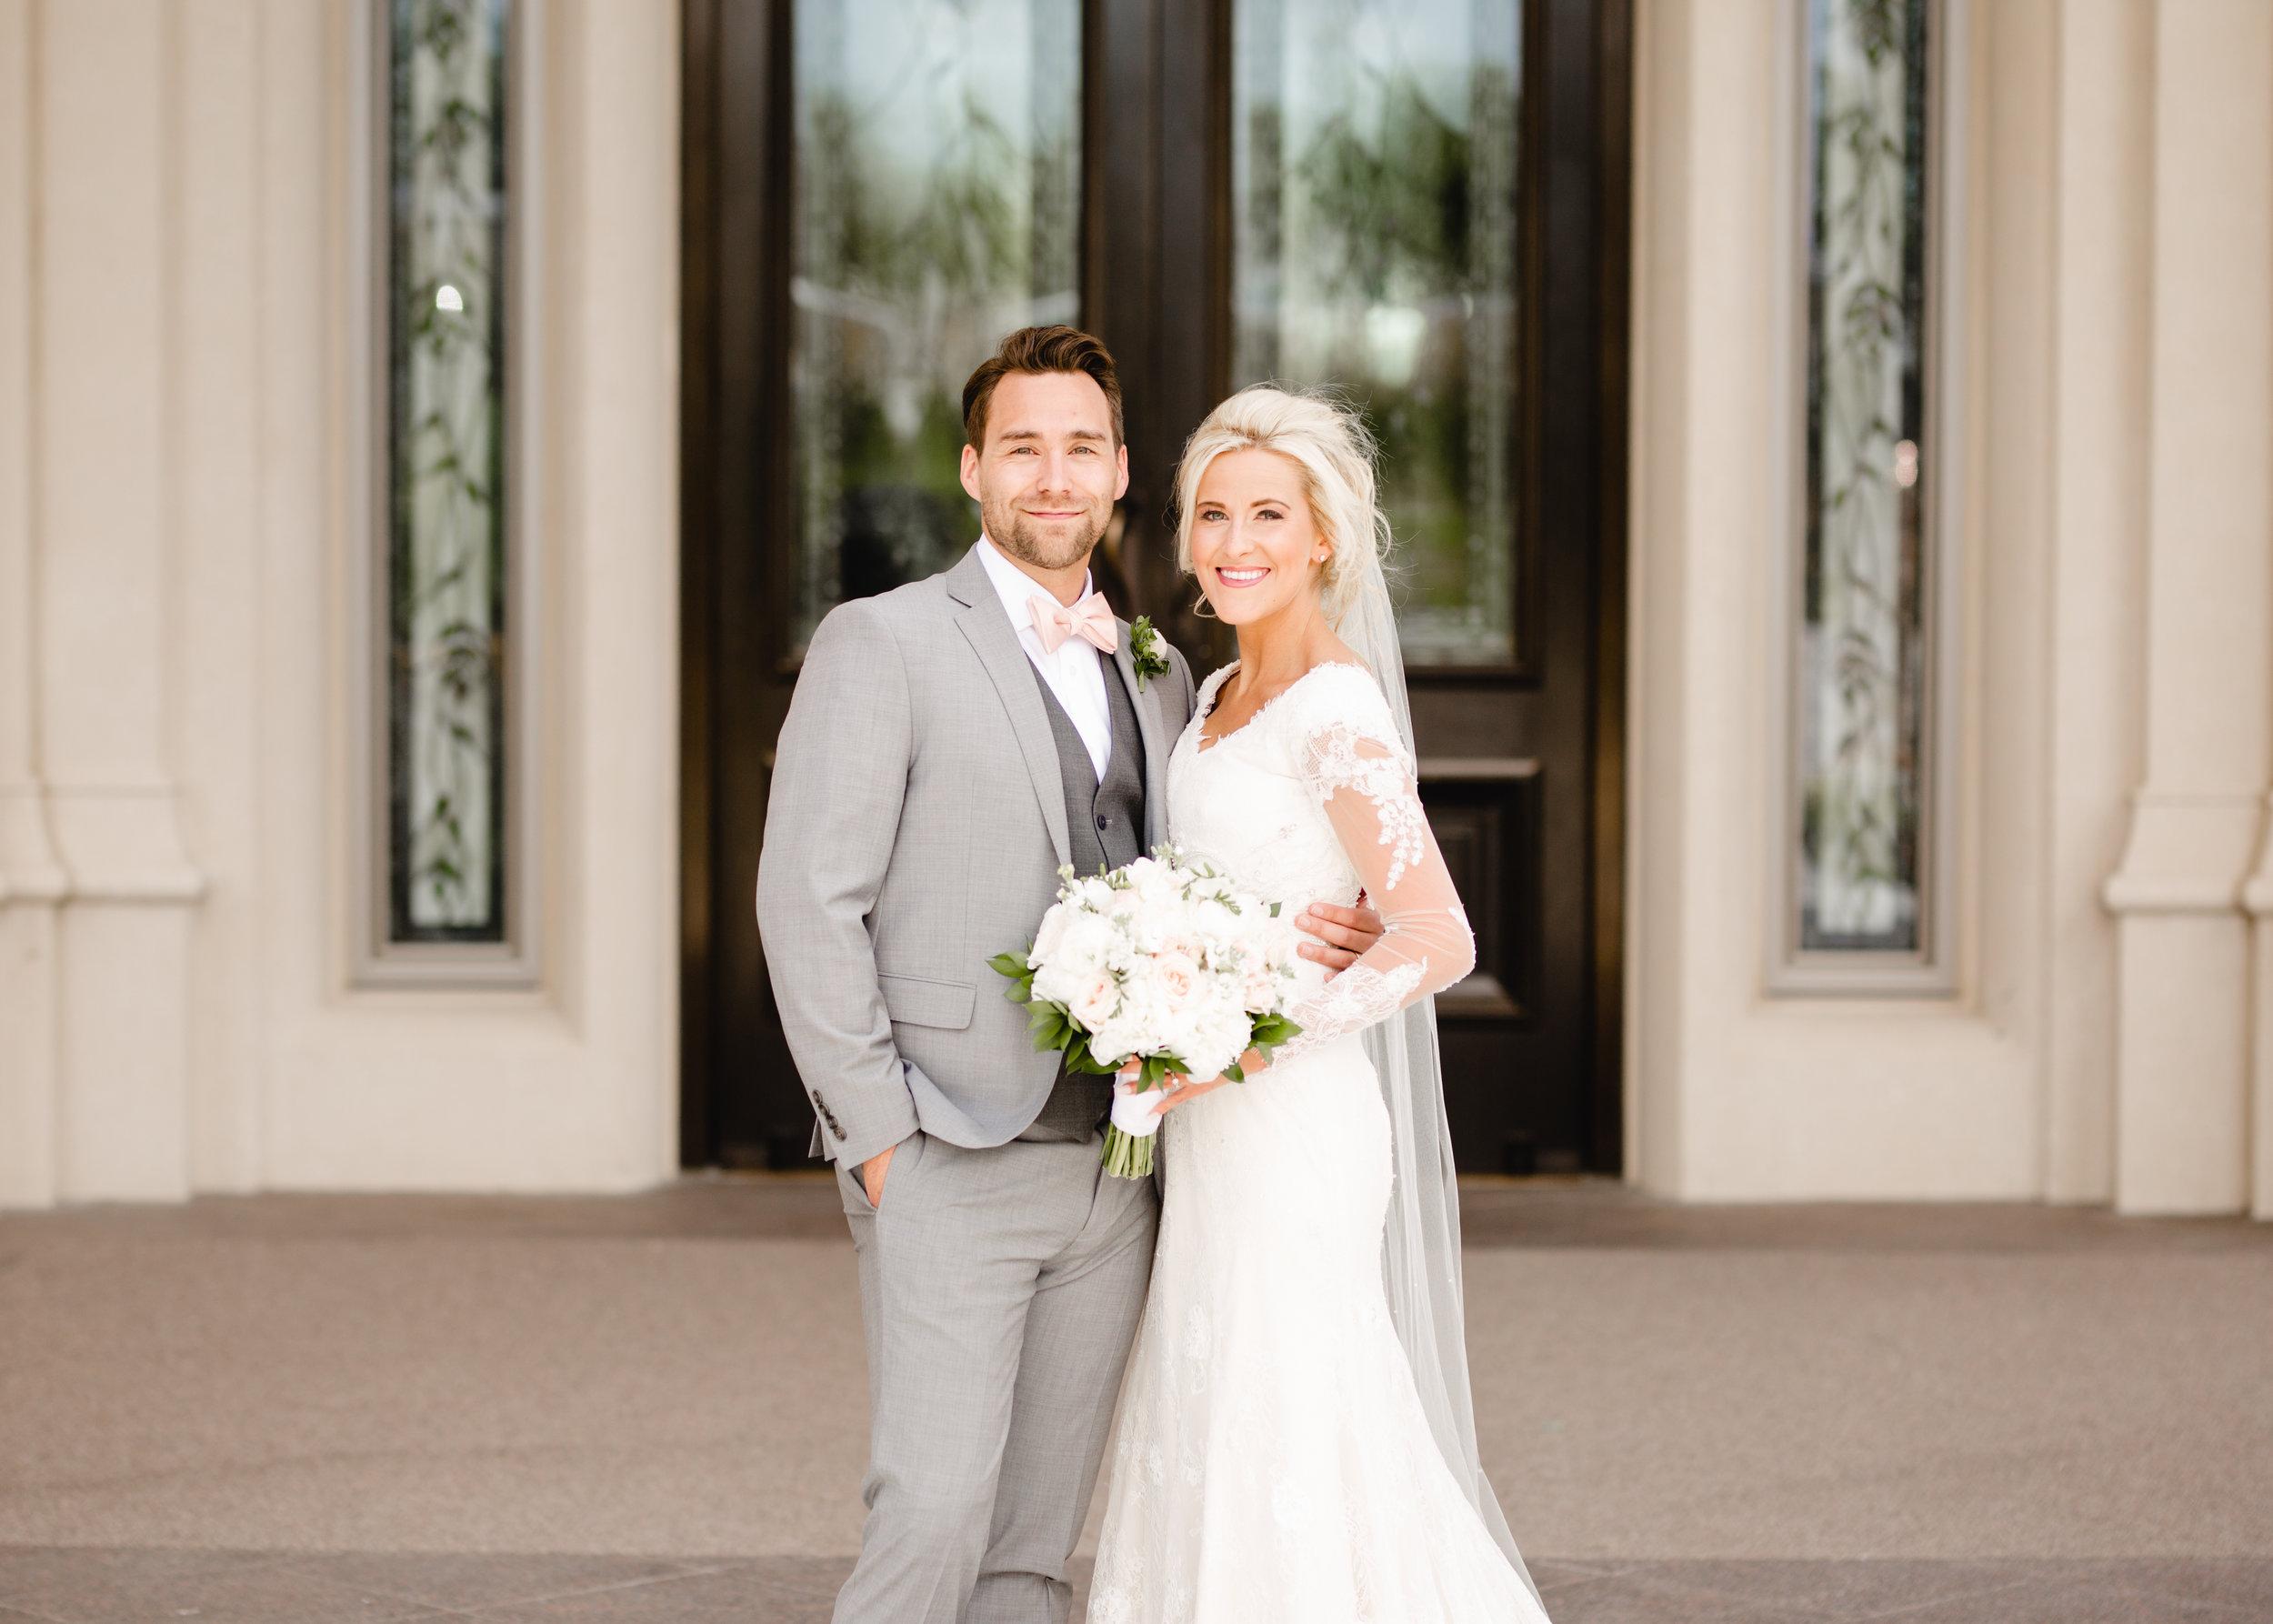 Branning, Riley Wedding Day-71.jpg